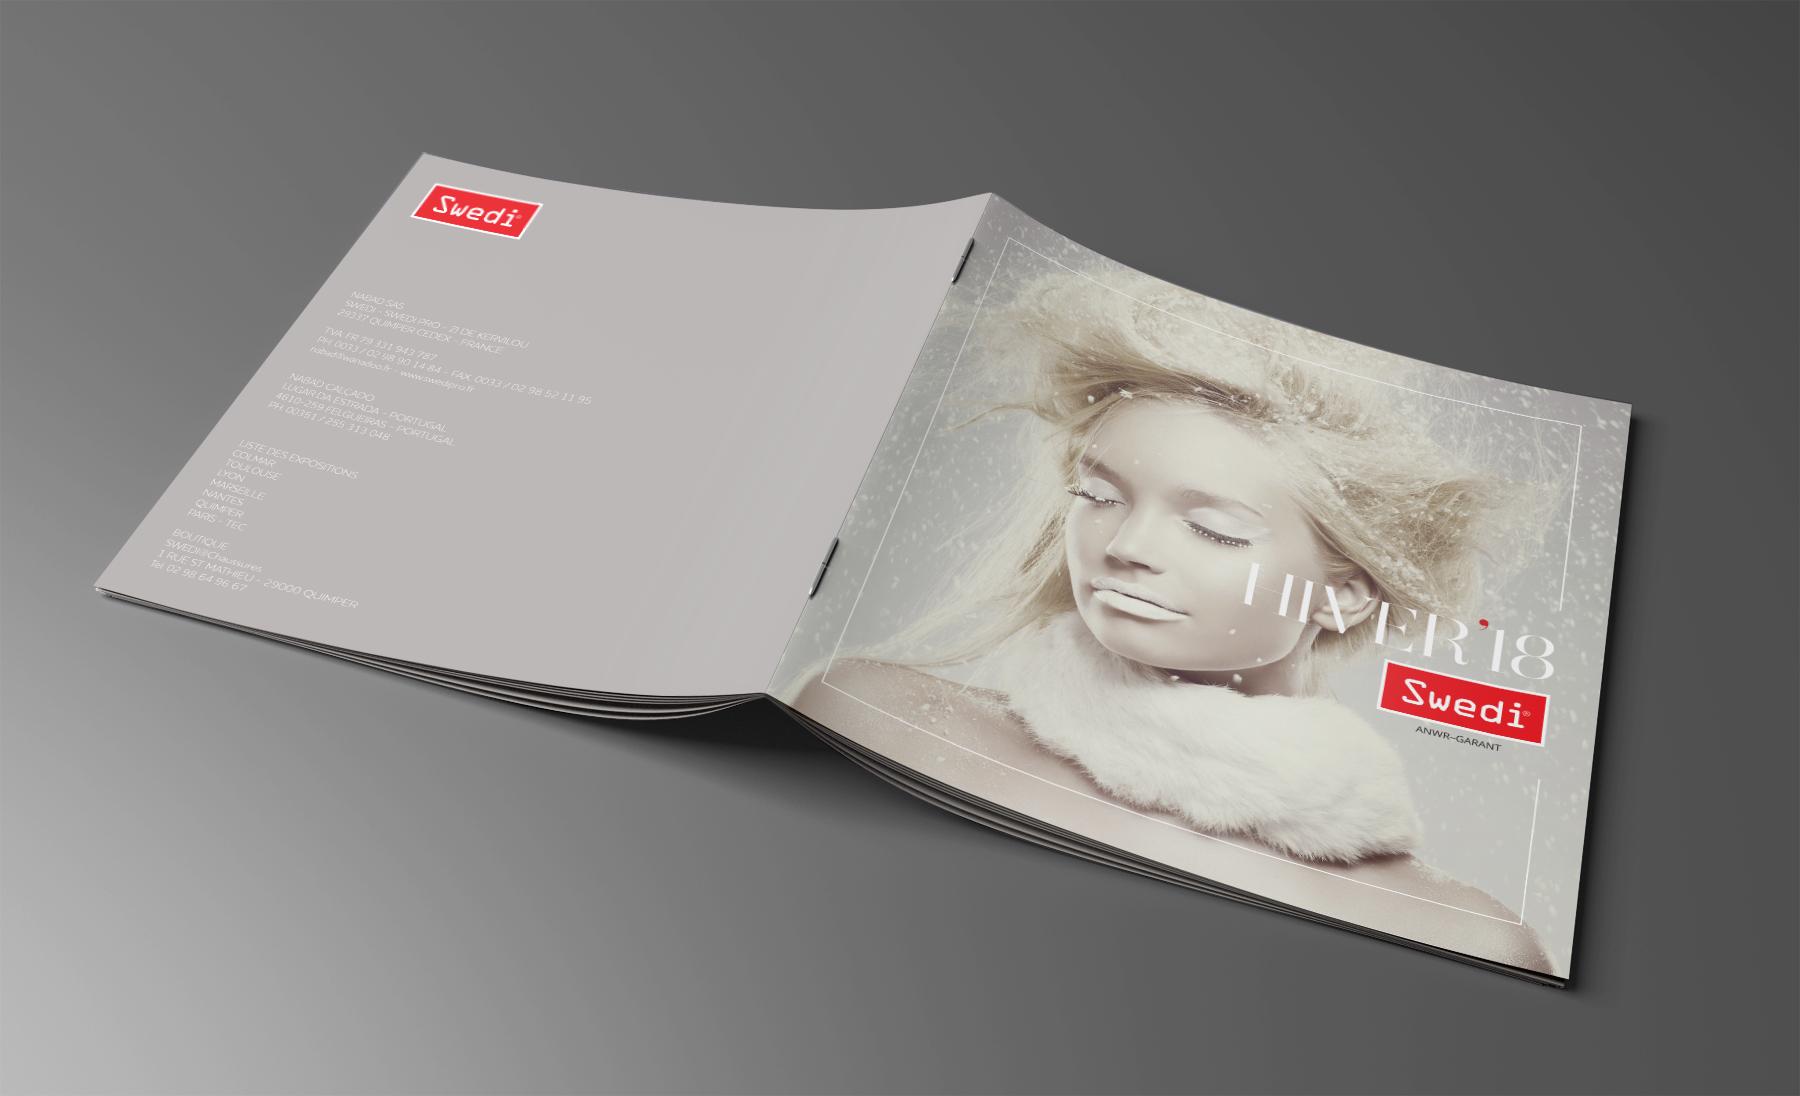 Swedi_Catálogo Inverno'18 01